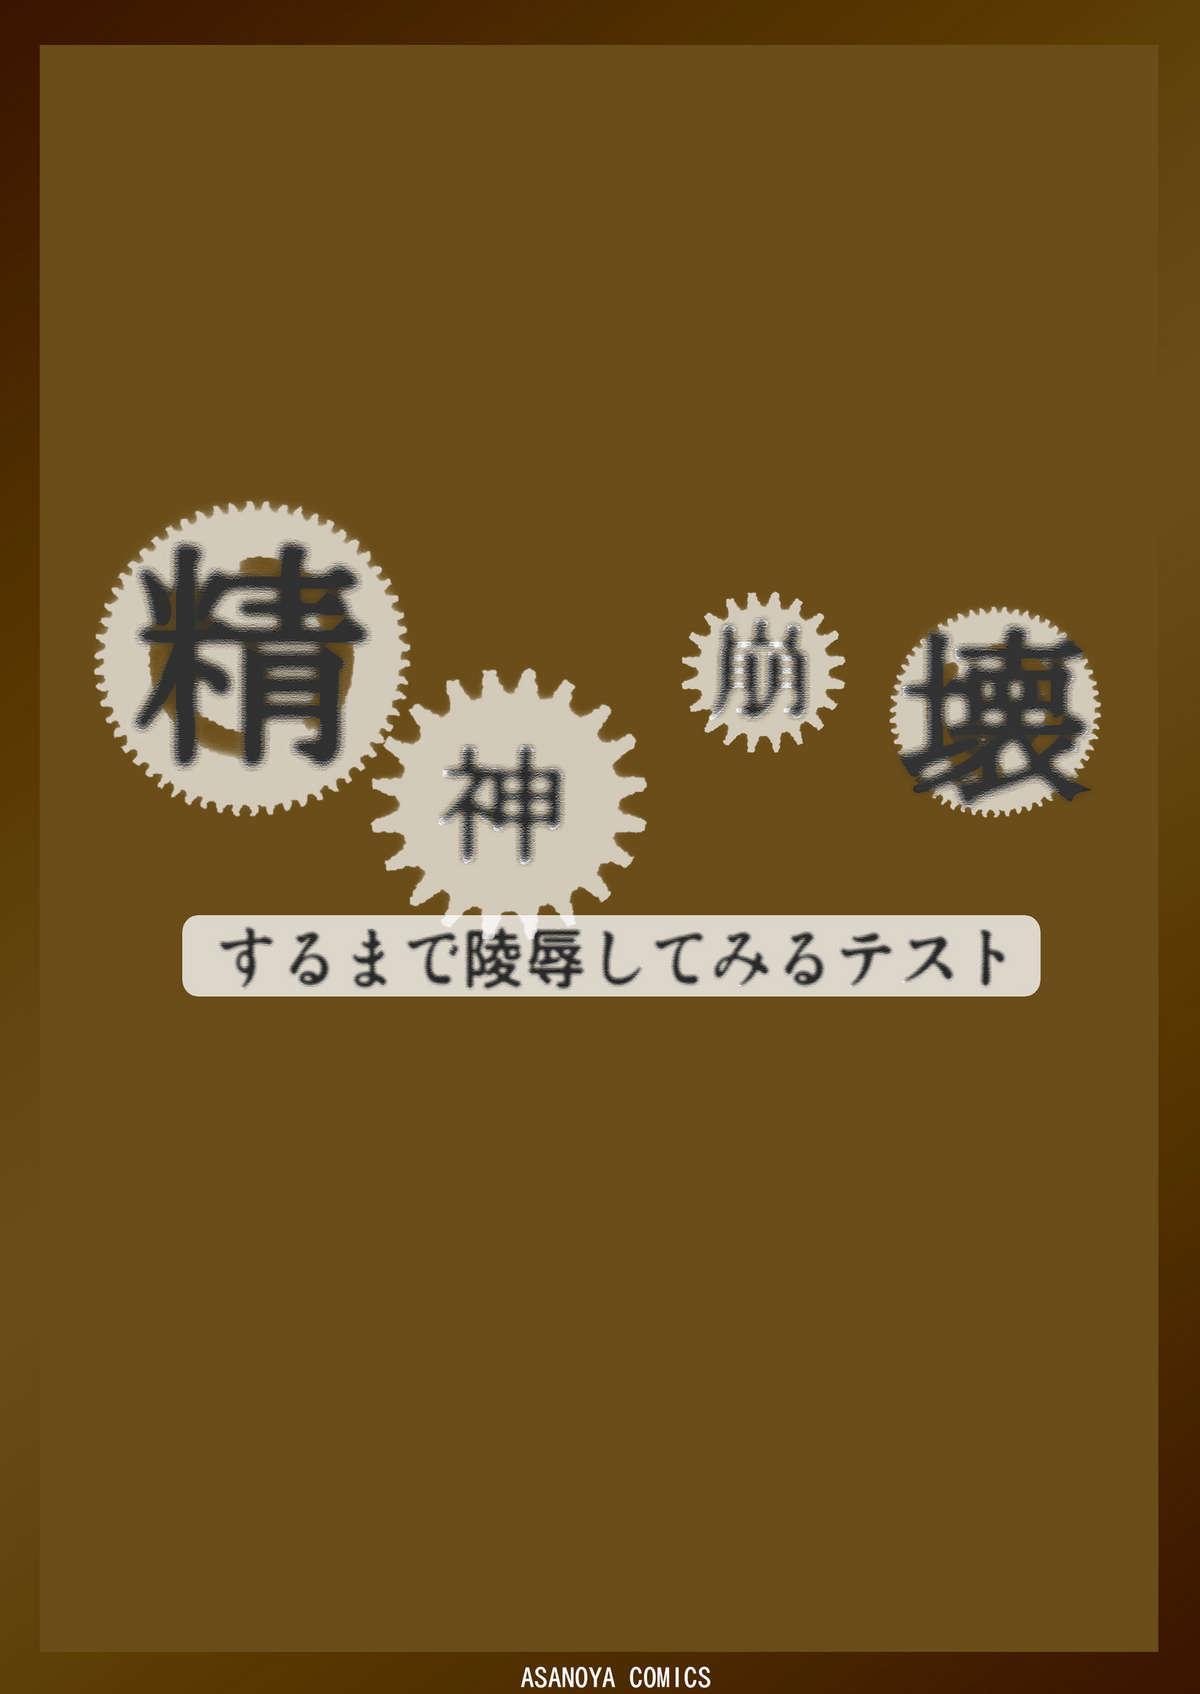 Seishin Houkai suru made Kusuguri Makutte Ryoujoku shite miru Test 39